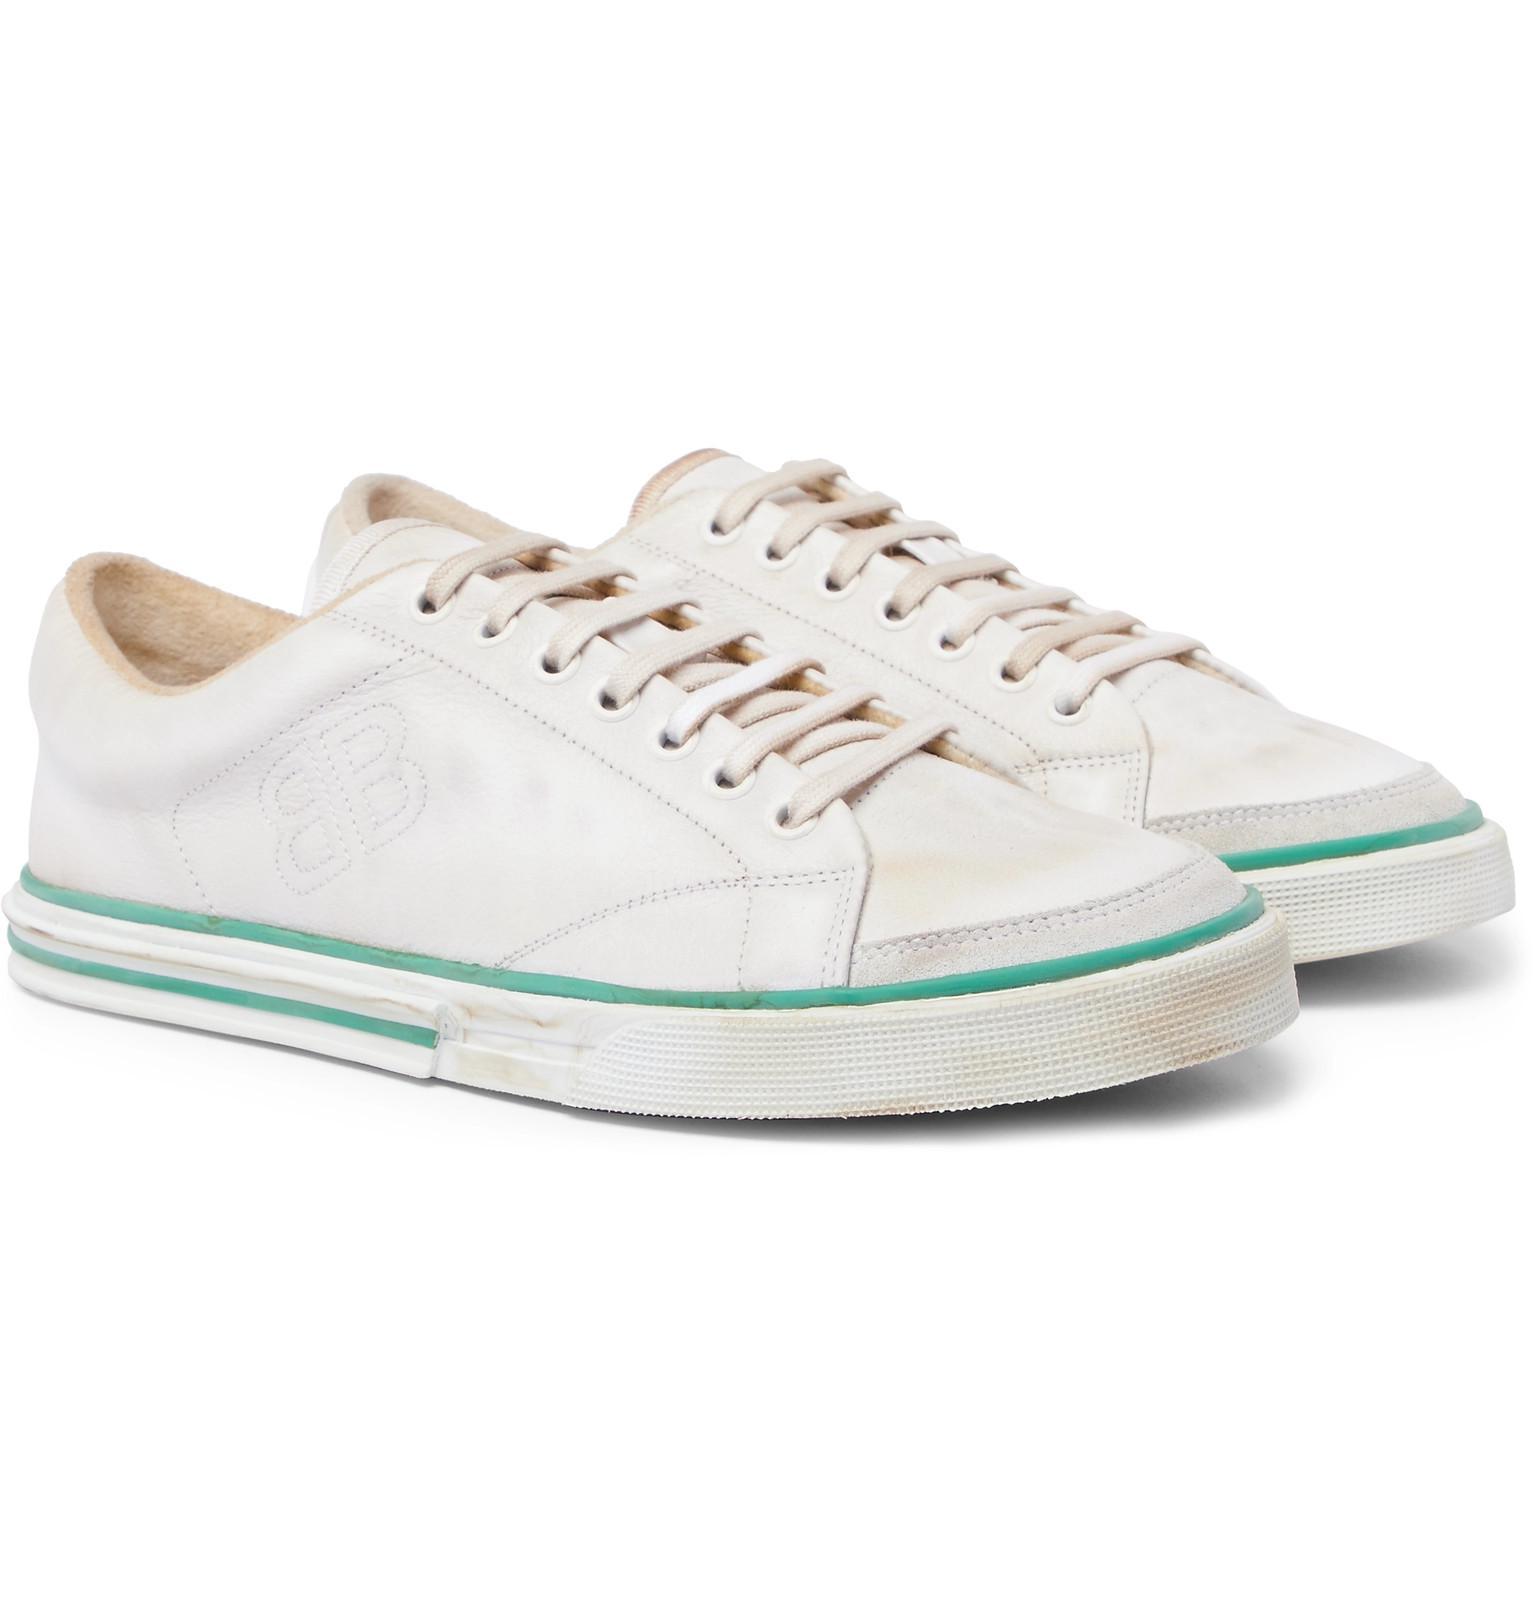 white Match graffiti print leather sneakers Balenciaga JcTlxrEy